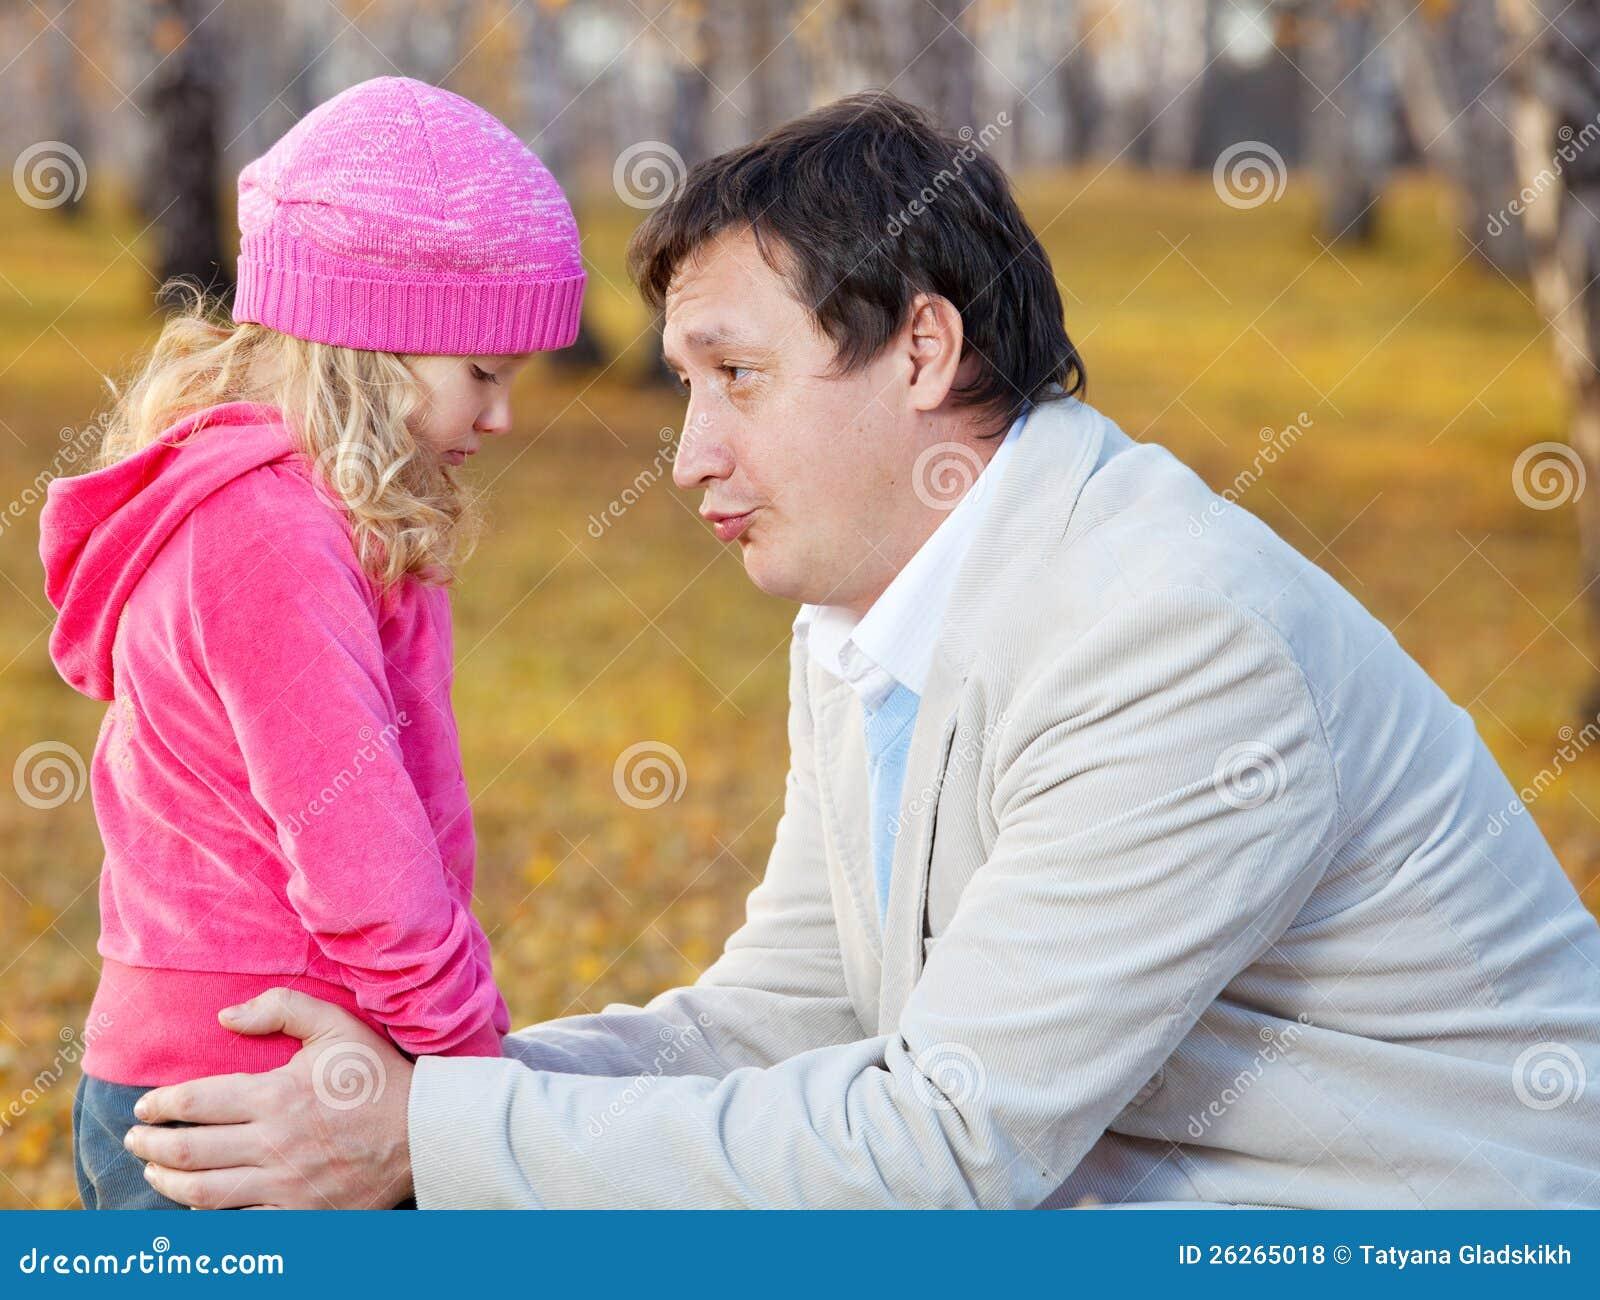 free xxx daddy daughter